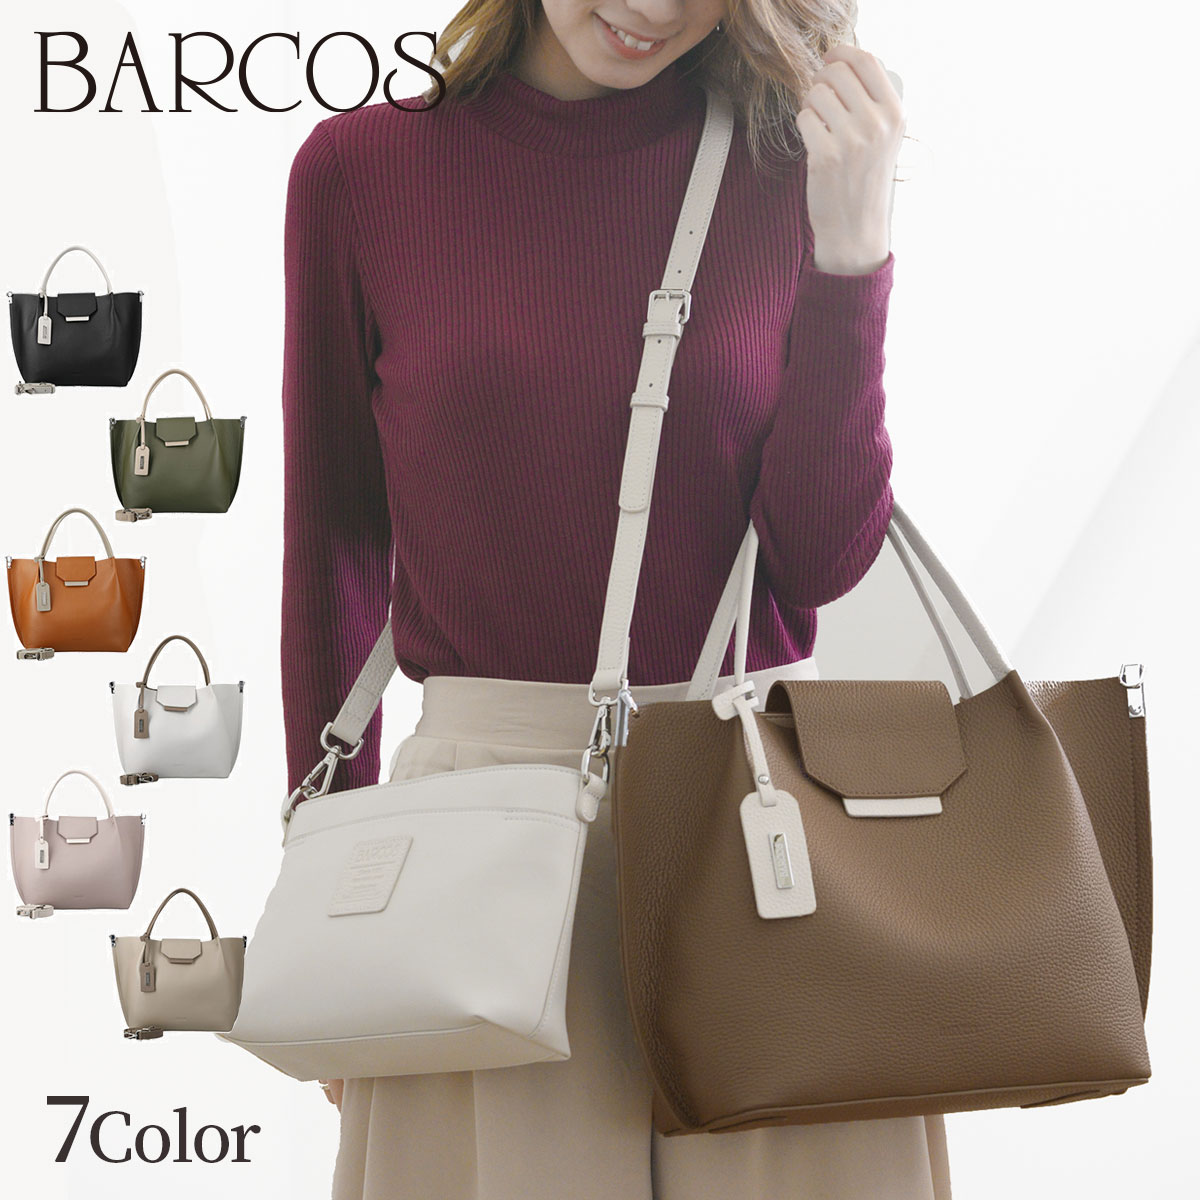 ONESIZE BARCOS レディース BARCOS シャーロット バルコス シュリンクレザーバイカラーハンドバッグ 全7色